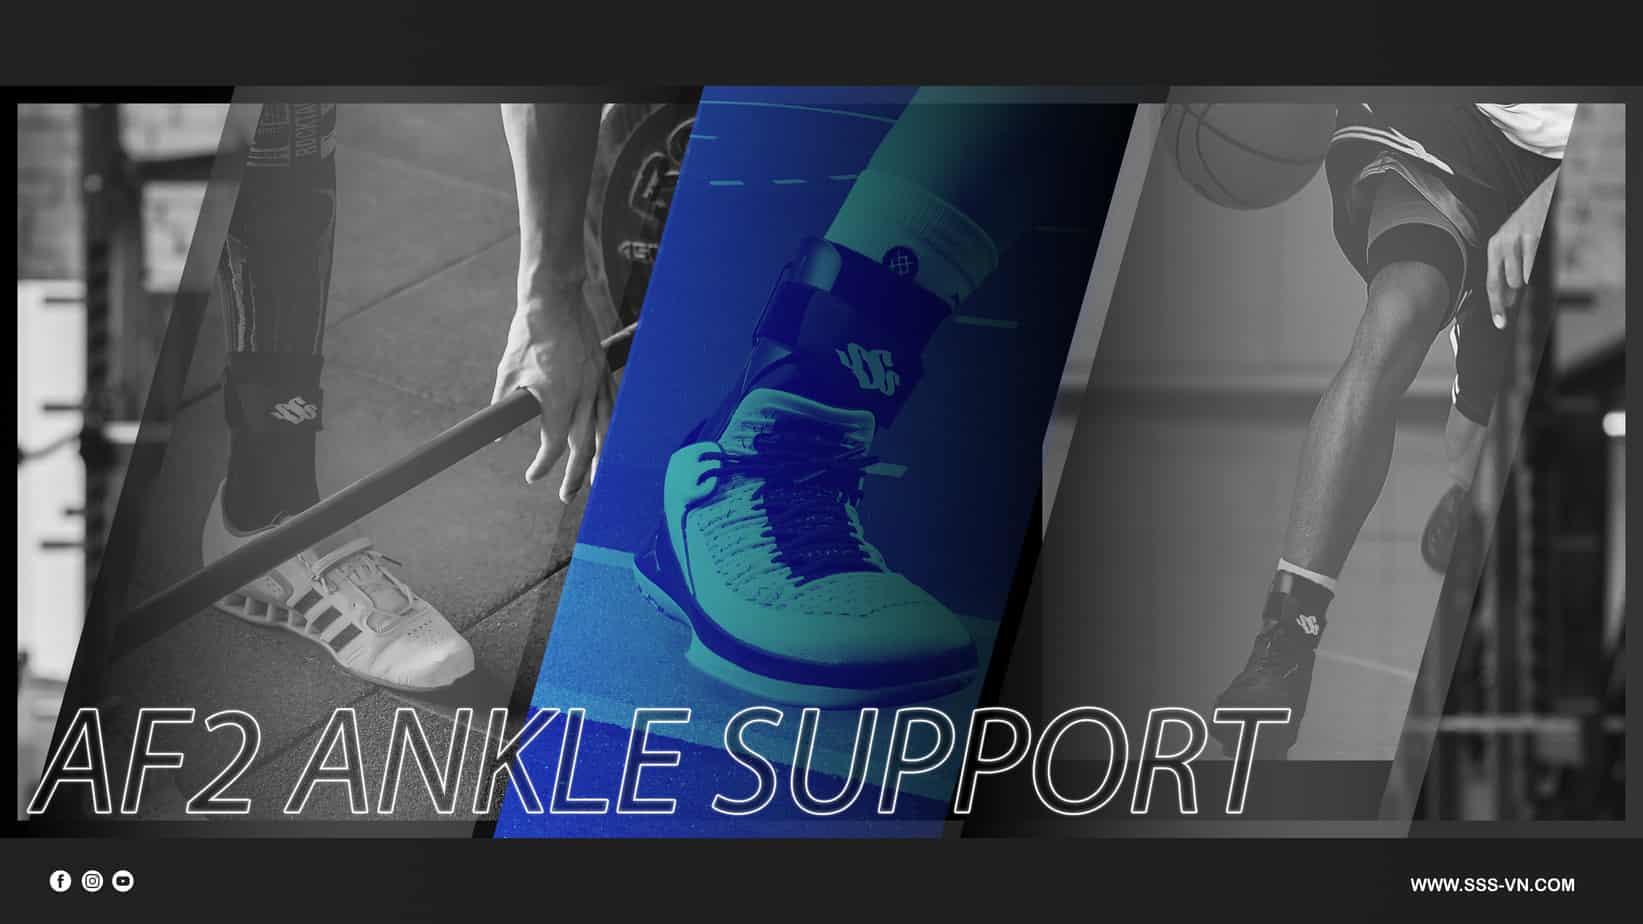 BANNER AF2 ankle support